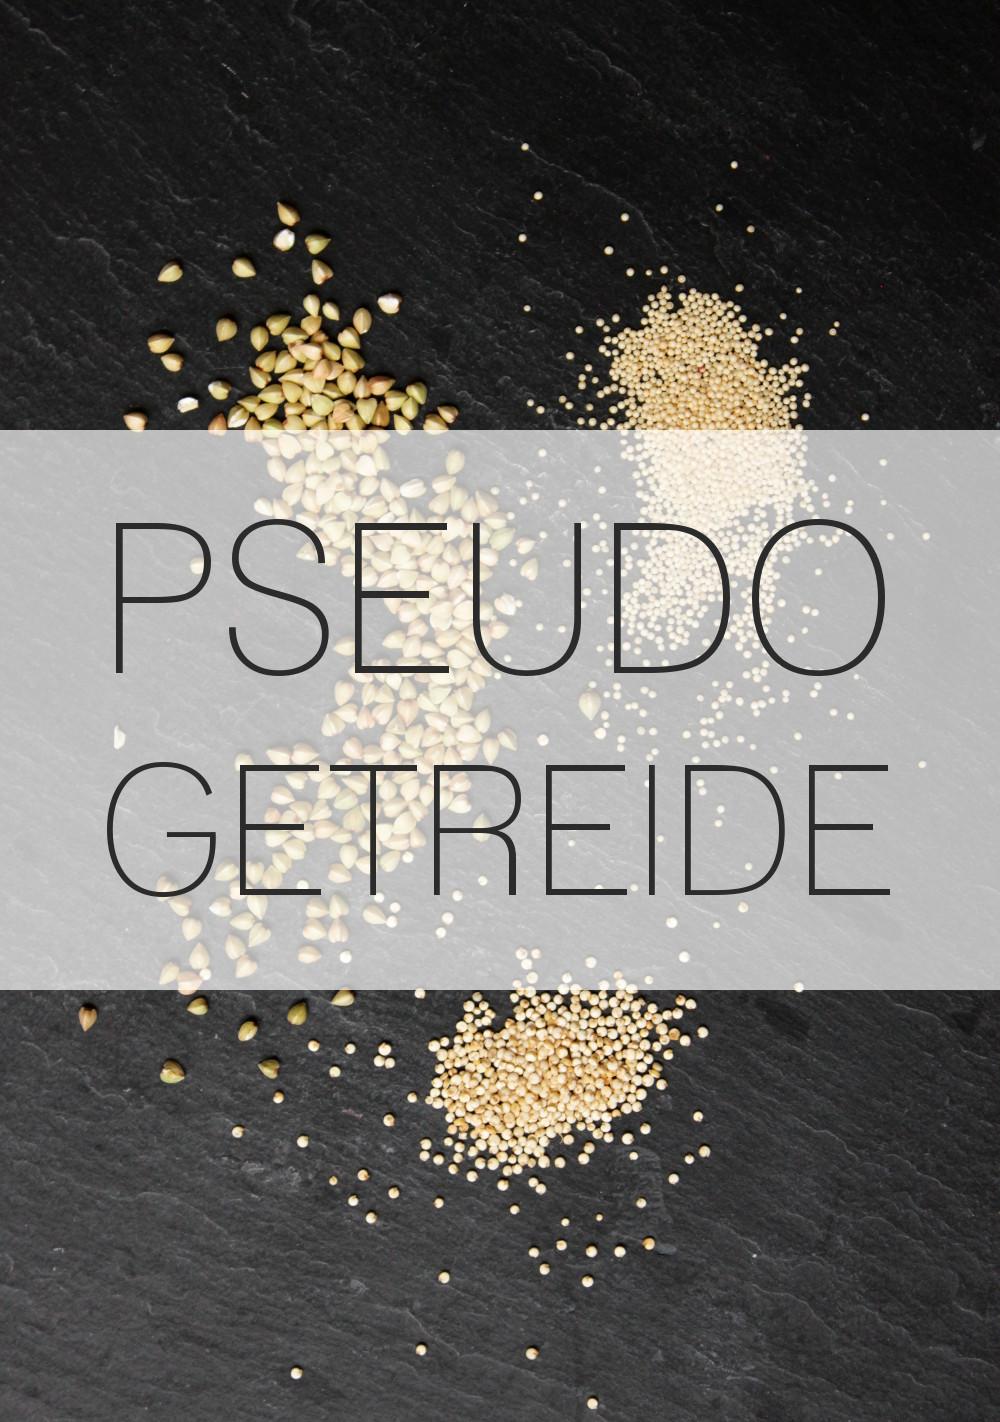 Pseudo Getreide